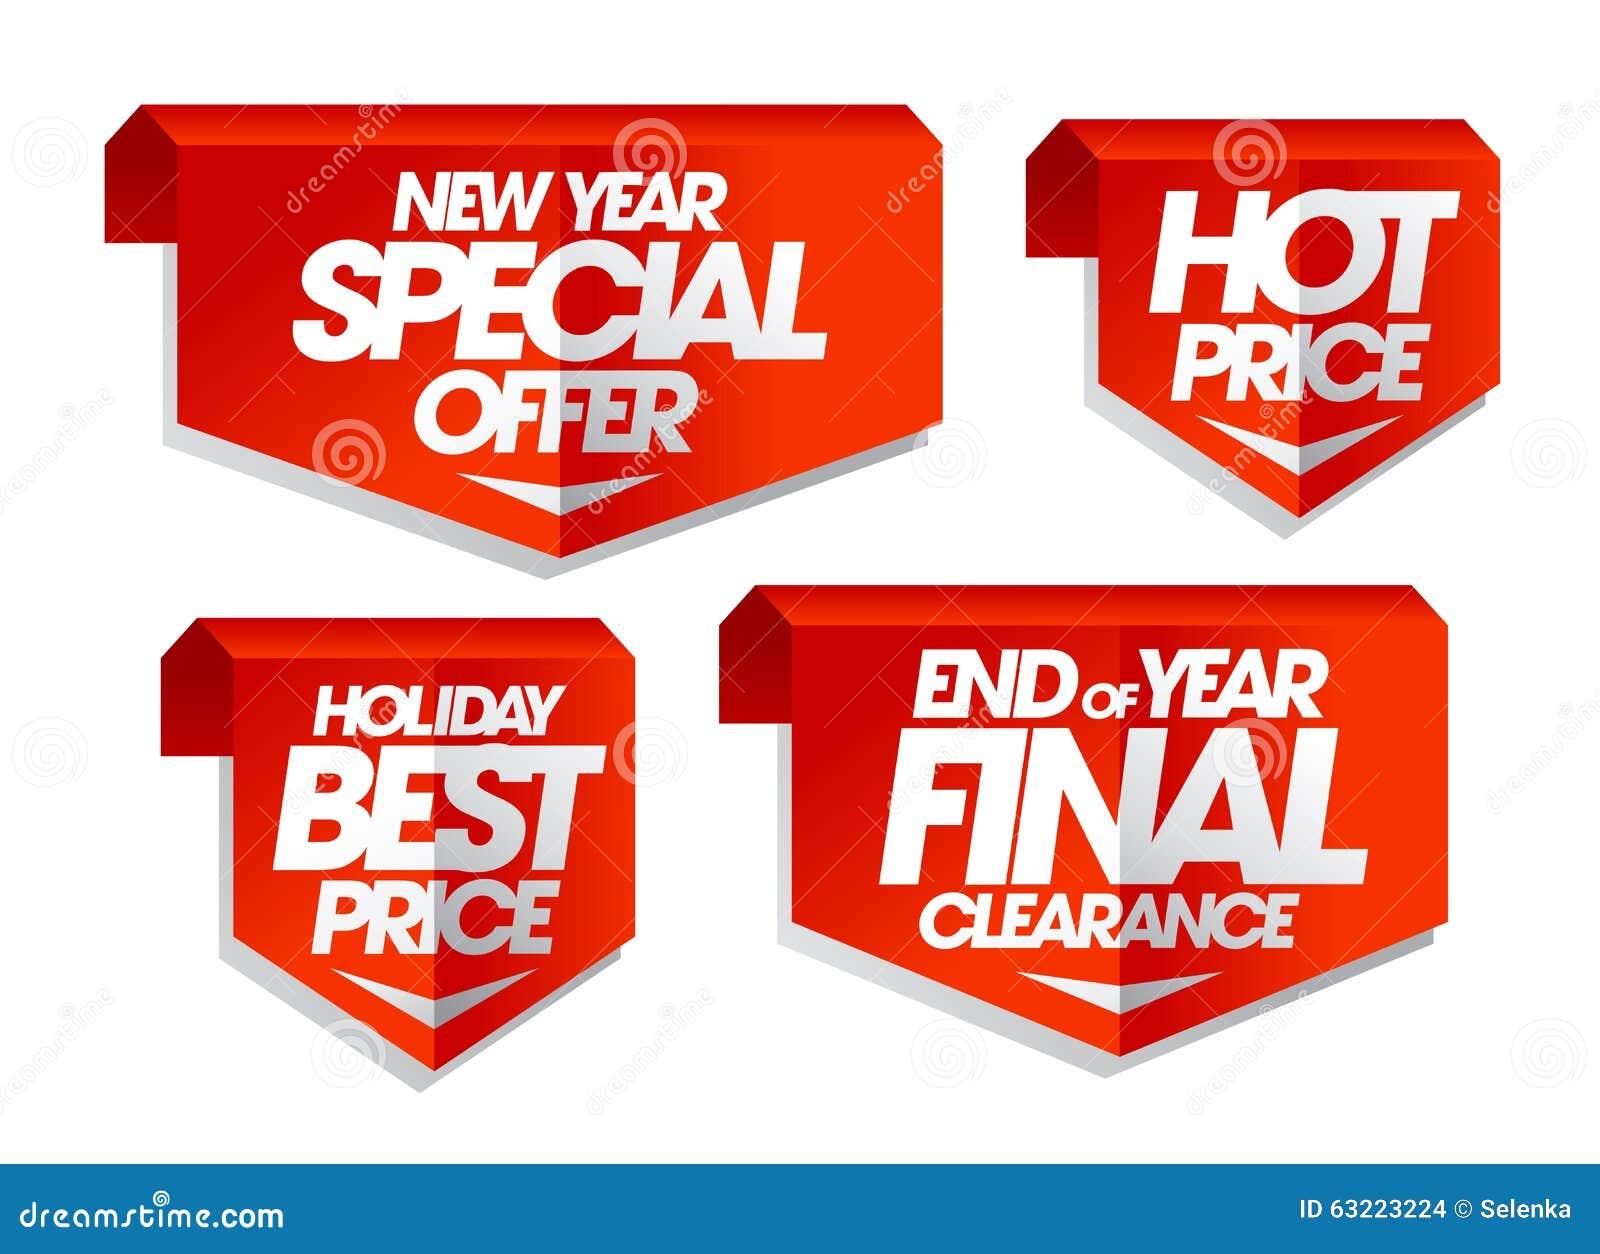 Nowy rok specjalna oferta, gorąca cena, wakacyjna najlepszy cena, końcówka rok poremanentowej sprzedaży definitywne etykietki